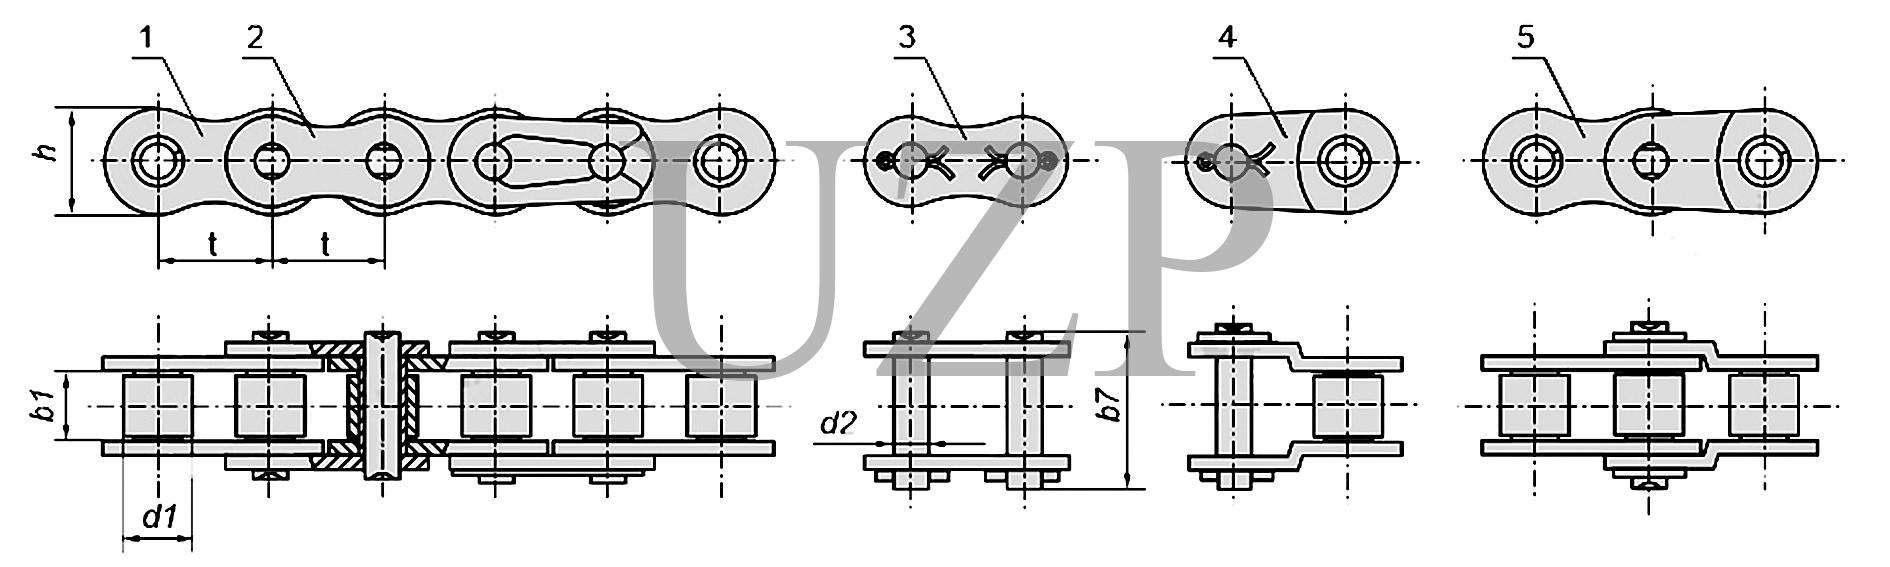 Конструкция приводной роликовой однорядной цепи (ПР)